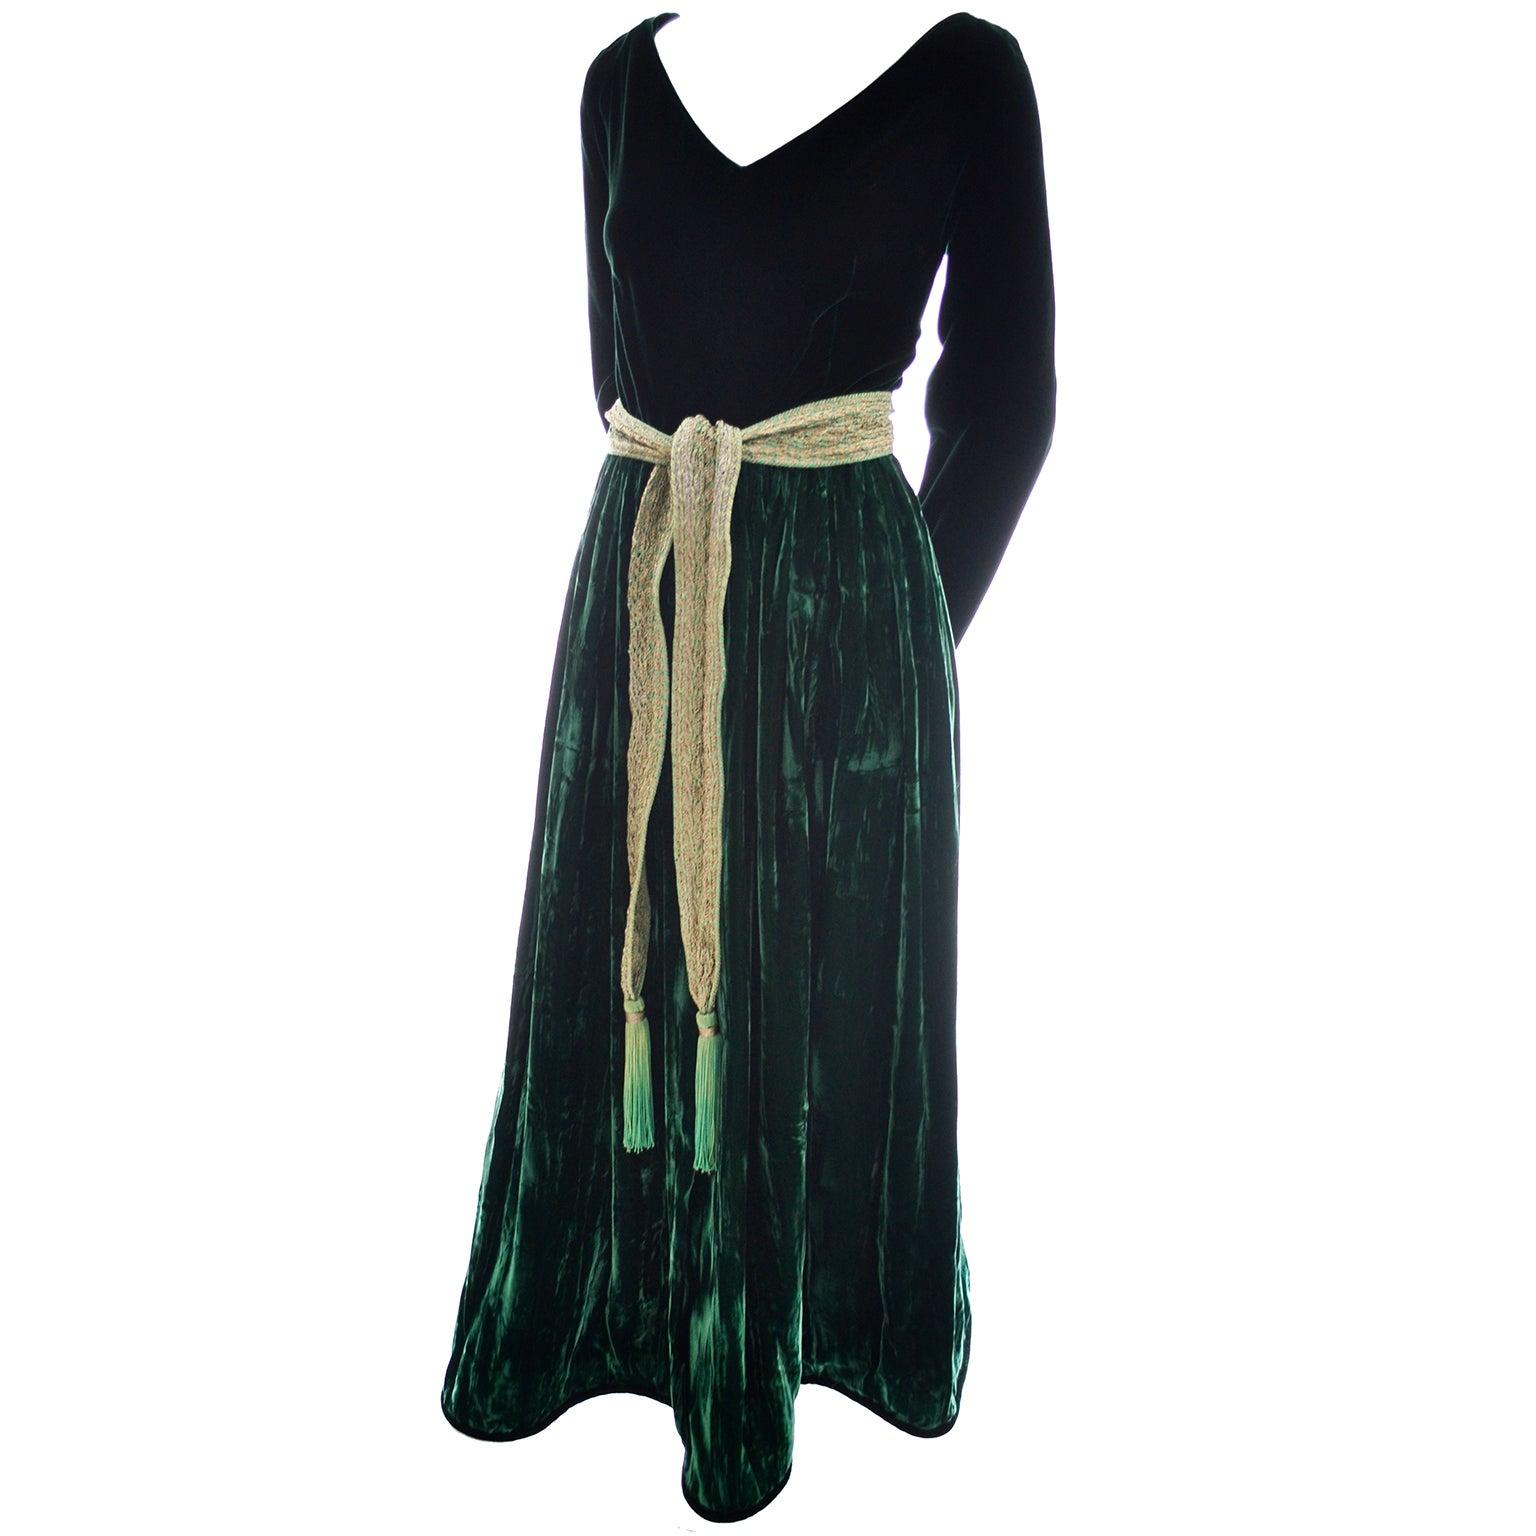 0df9436765d6 Oscar de la Renta Vintage Green Velvet Evening Gown Formal Dress For Sale  at 1stdibs